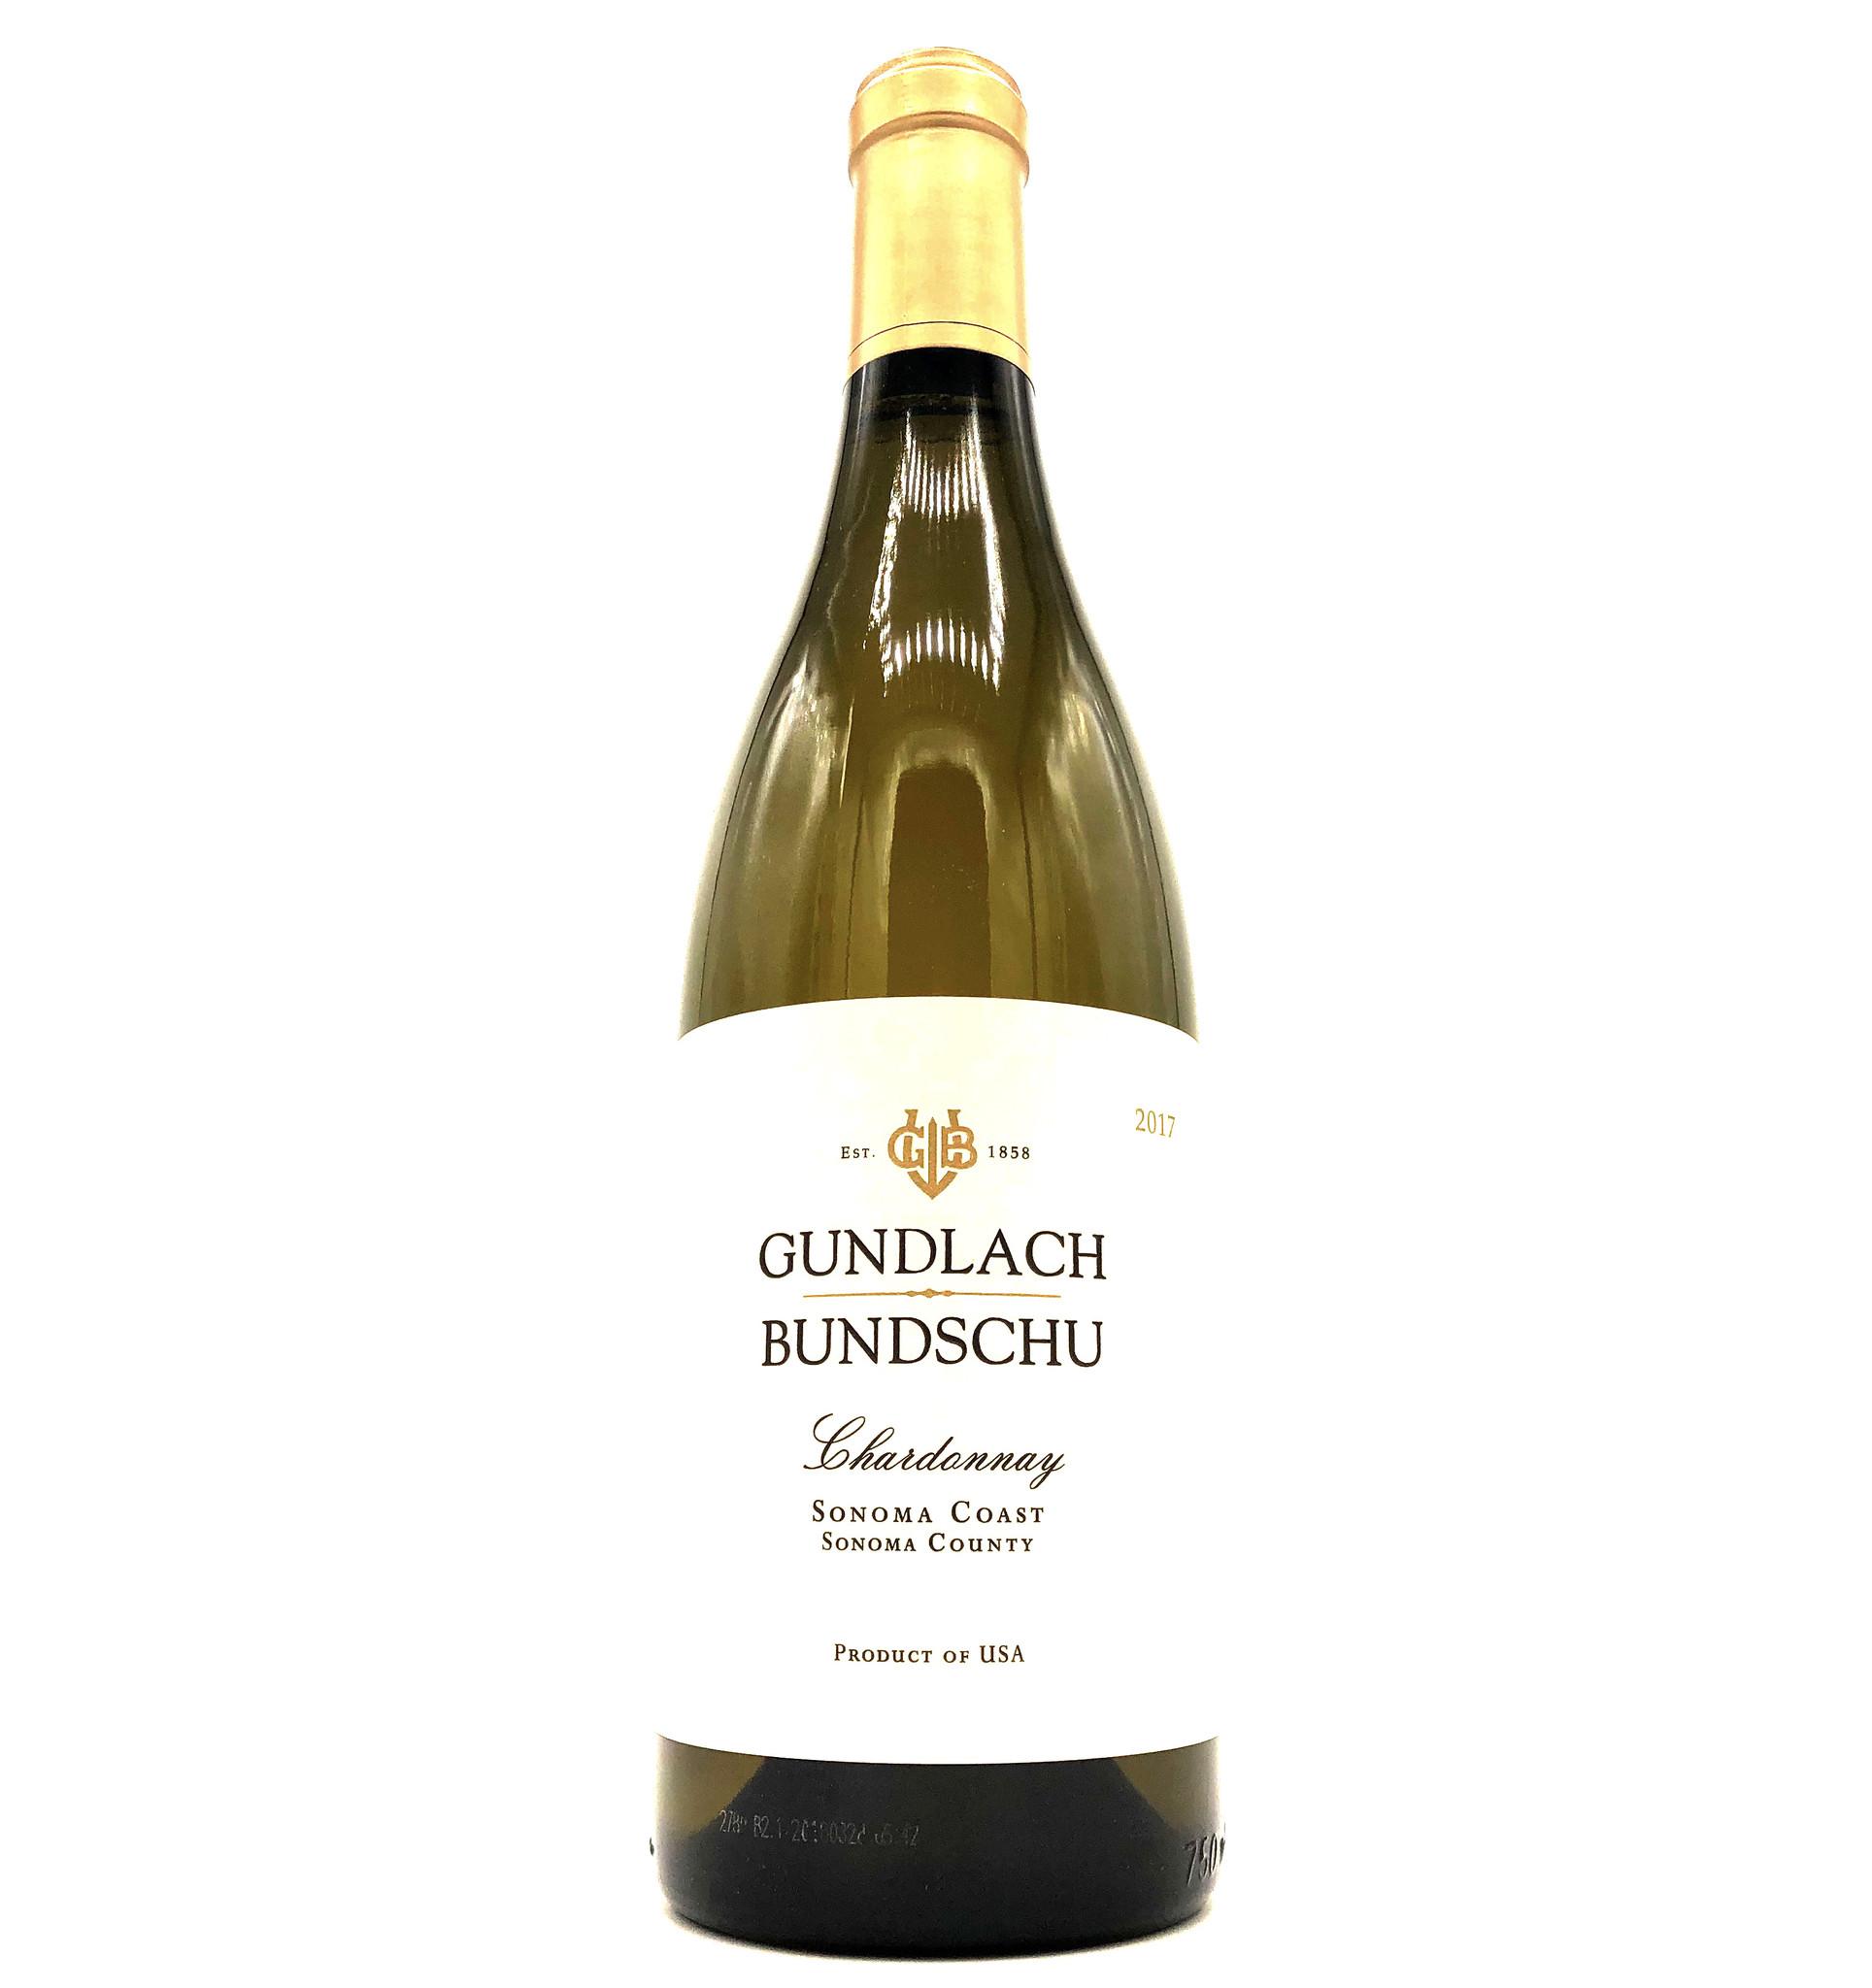 Chardonnay 2017 Gundlach Bundschu